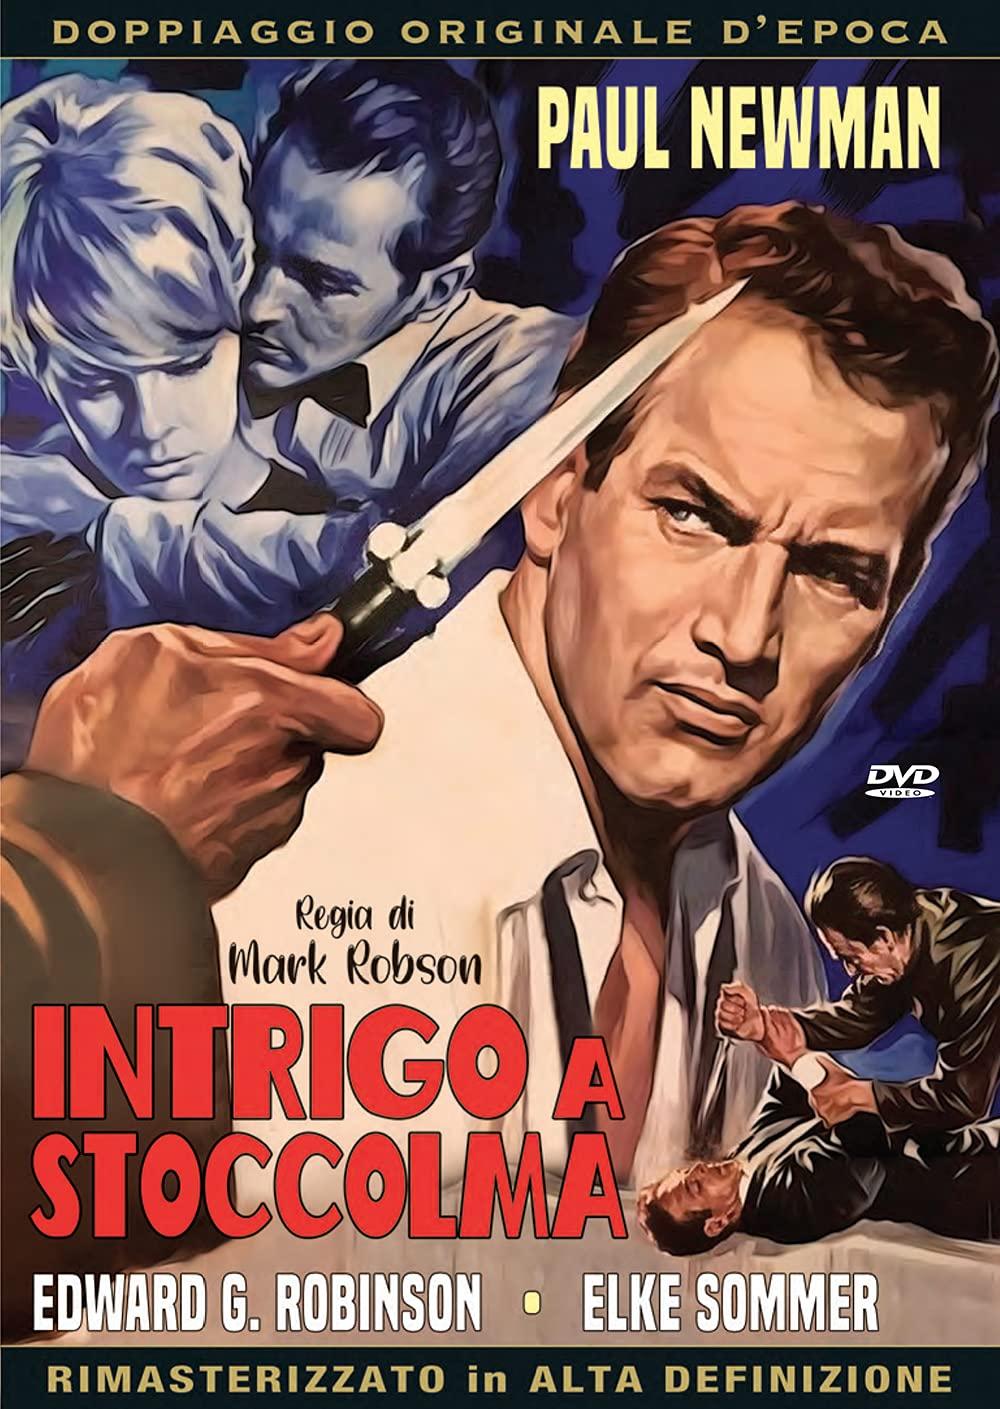 INTRIGO A STOCCOLMA (DVD)